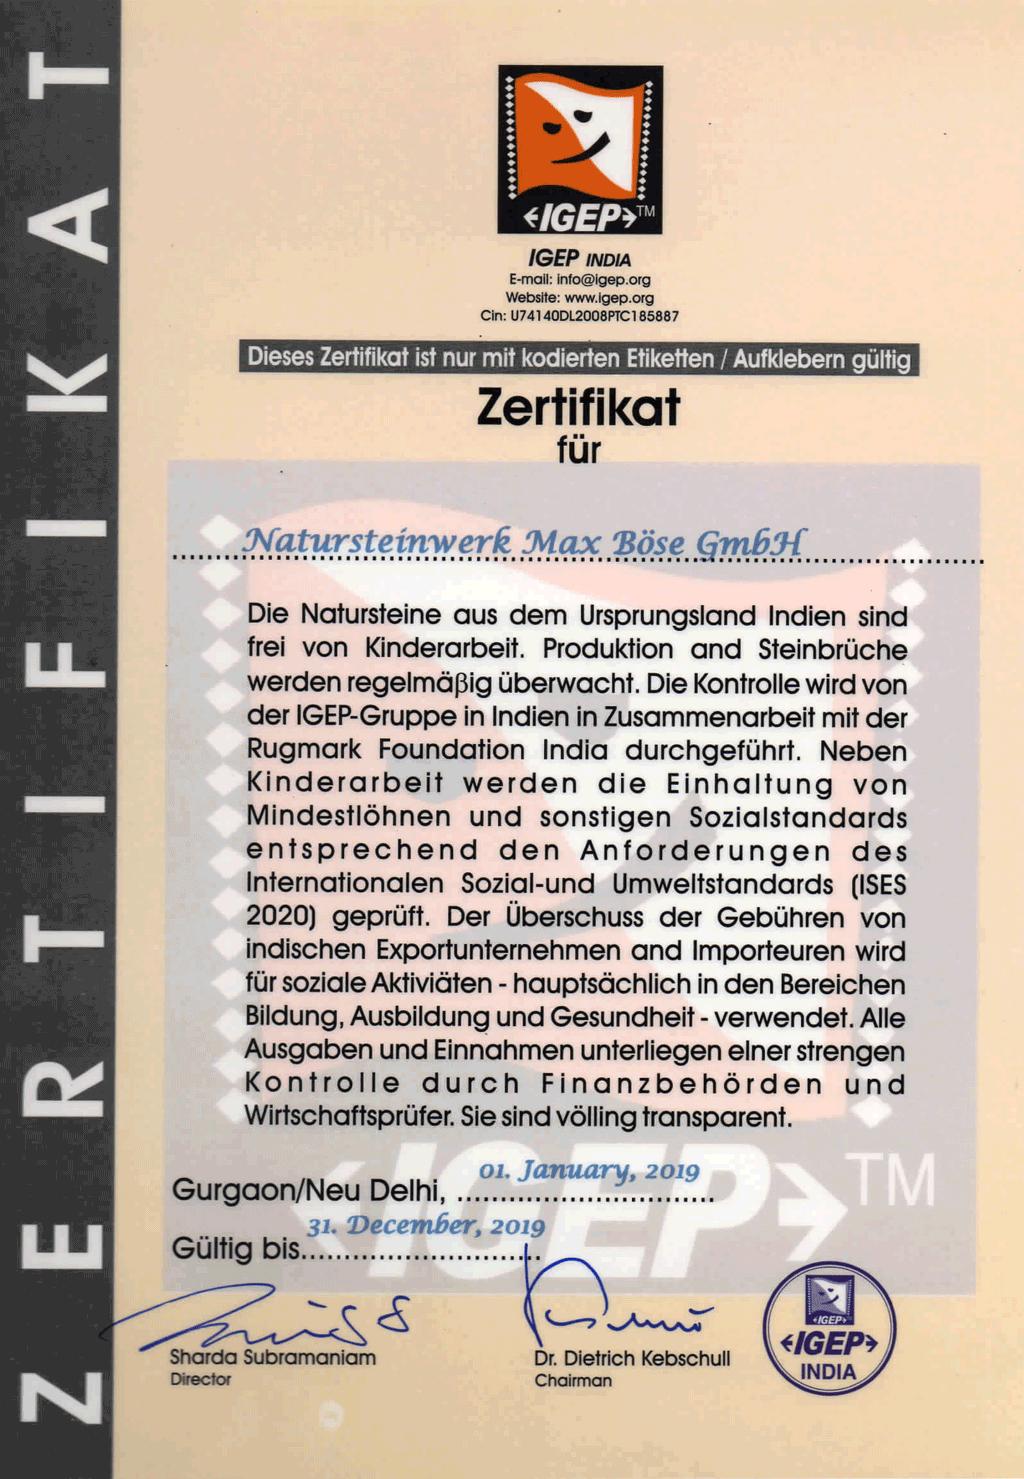 IGEP-Zertifikat max böse Grabsteine